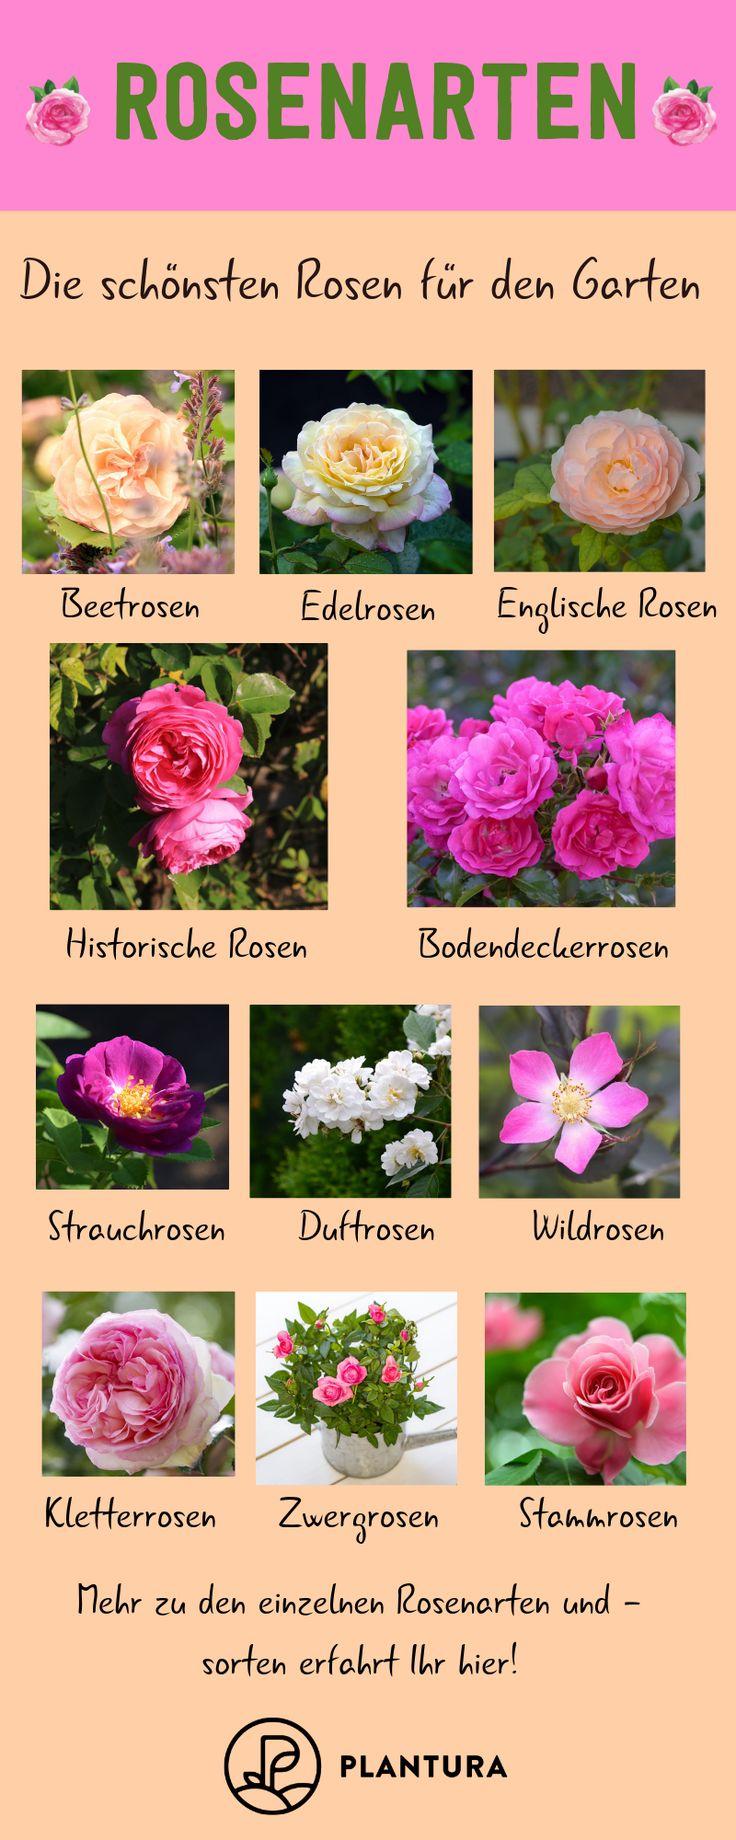 Rosenarten: Die 12 schönsten Rosenklassen auf einen Blick